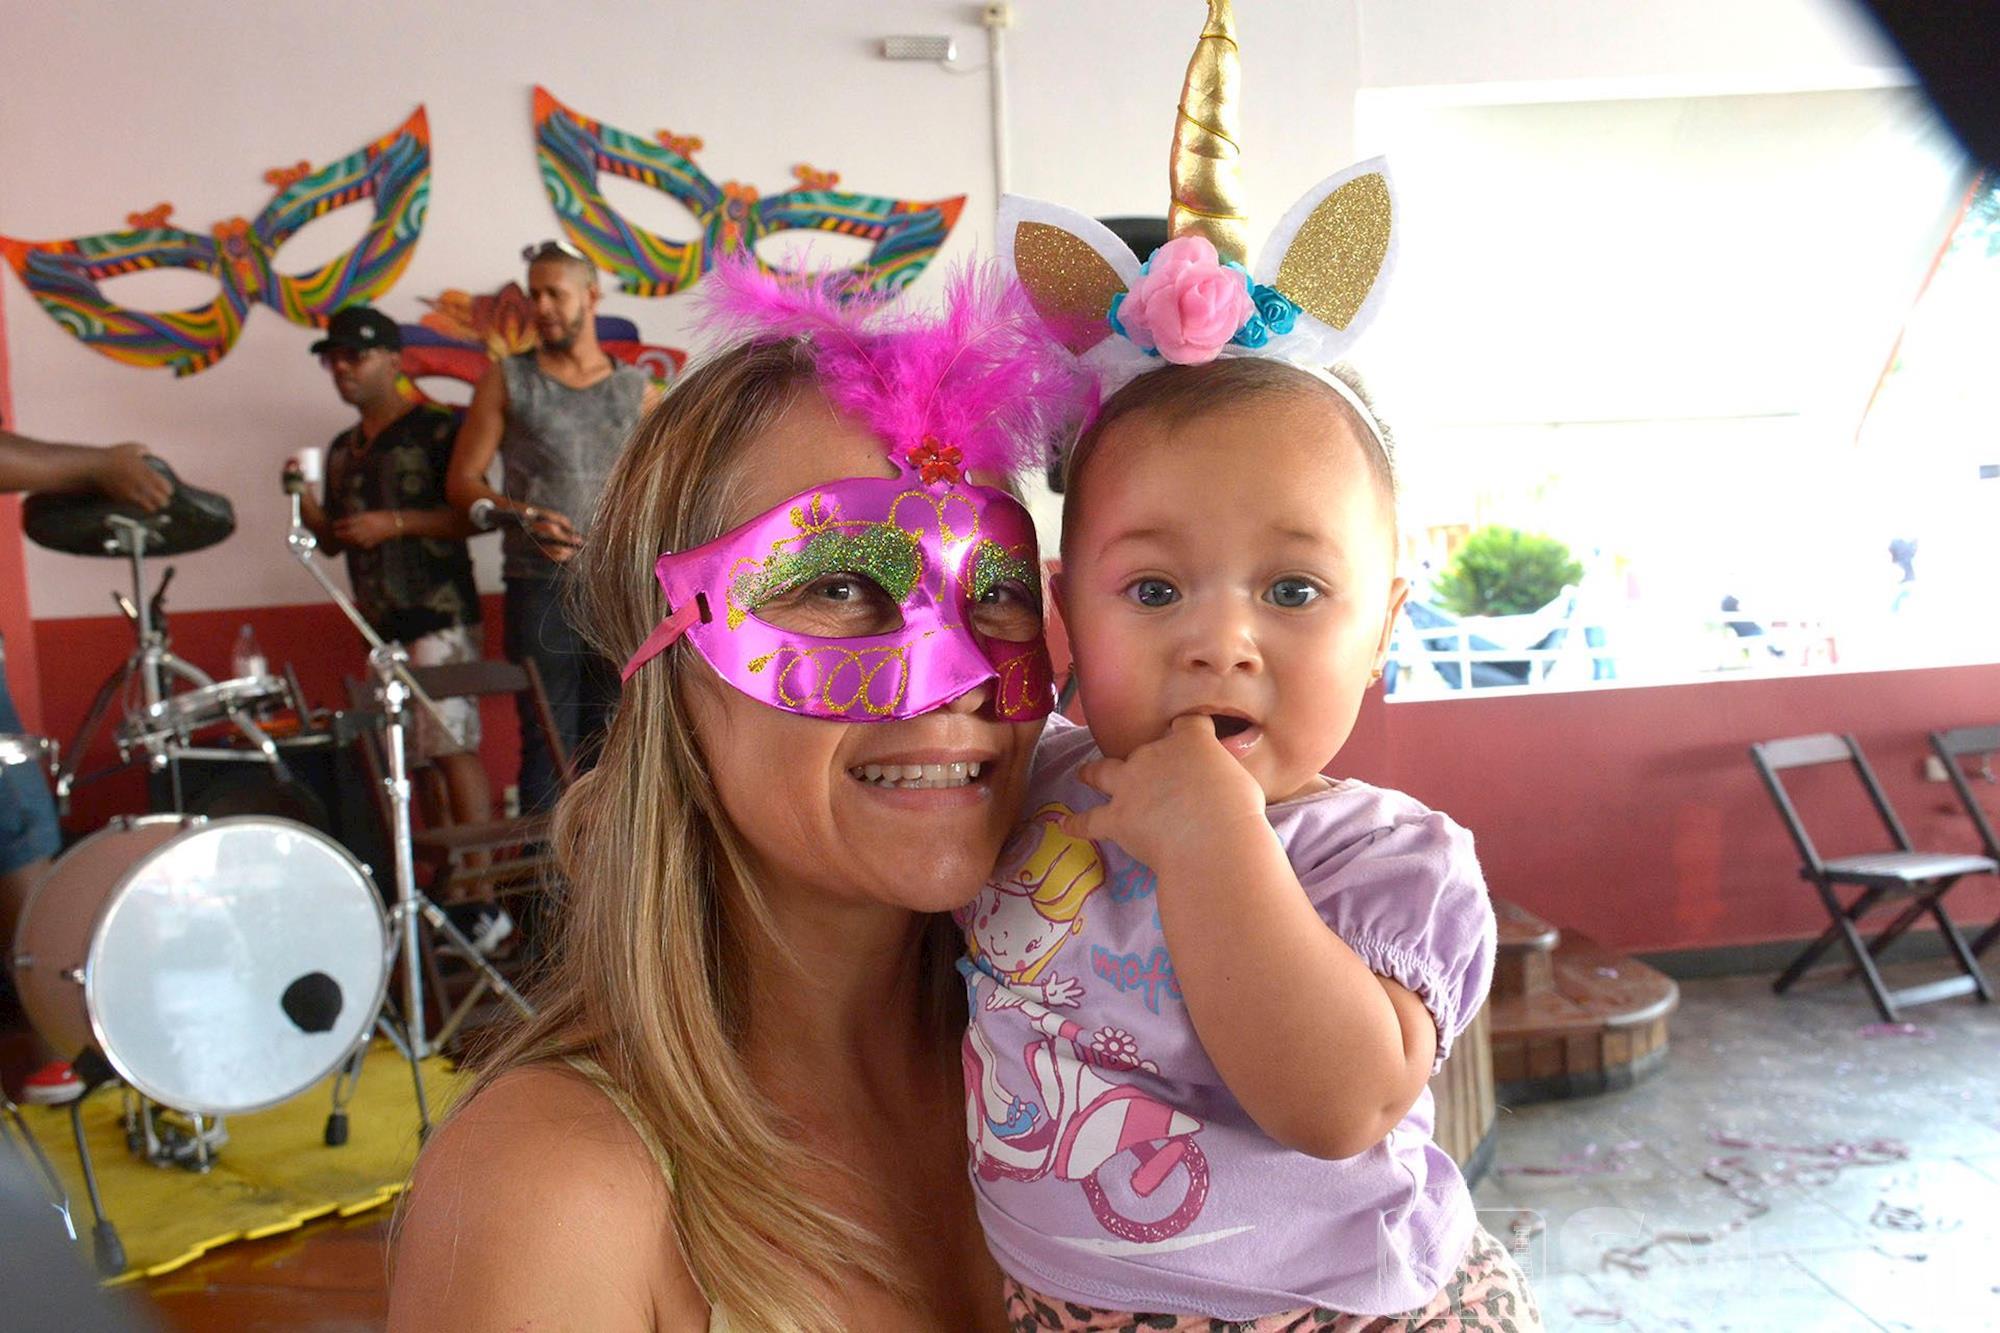 Carnaval 2020 no Clube de Campo do SMetal, carnaval,  clube,  smetal,  sindicato,  , Foguinho/Imprensa SMetal, Confira fotos do Carnaval no Clube de Campo do SMetal